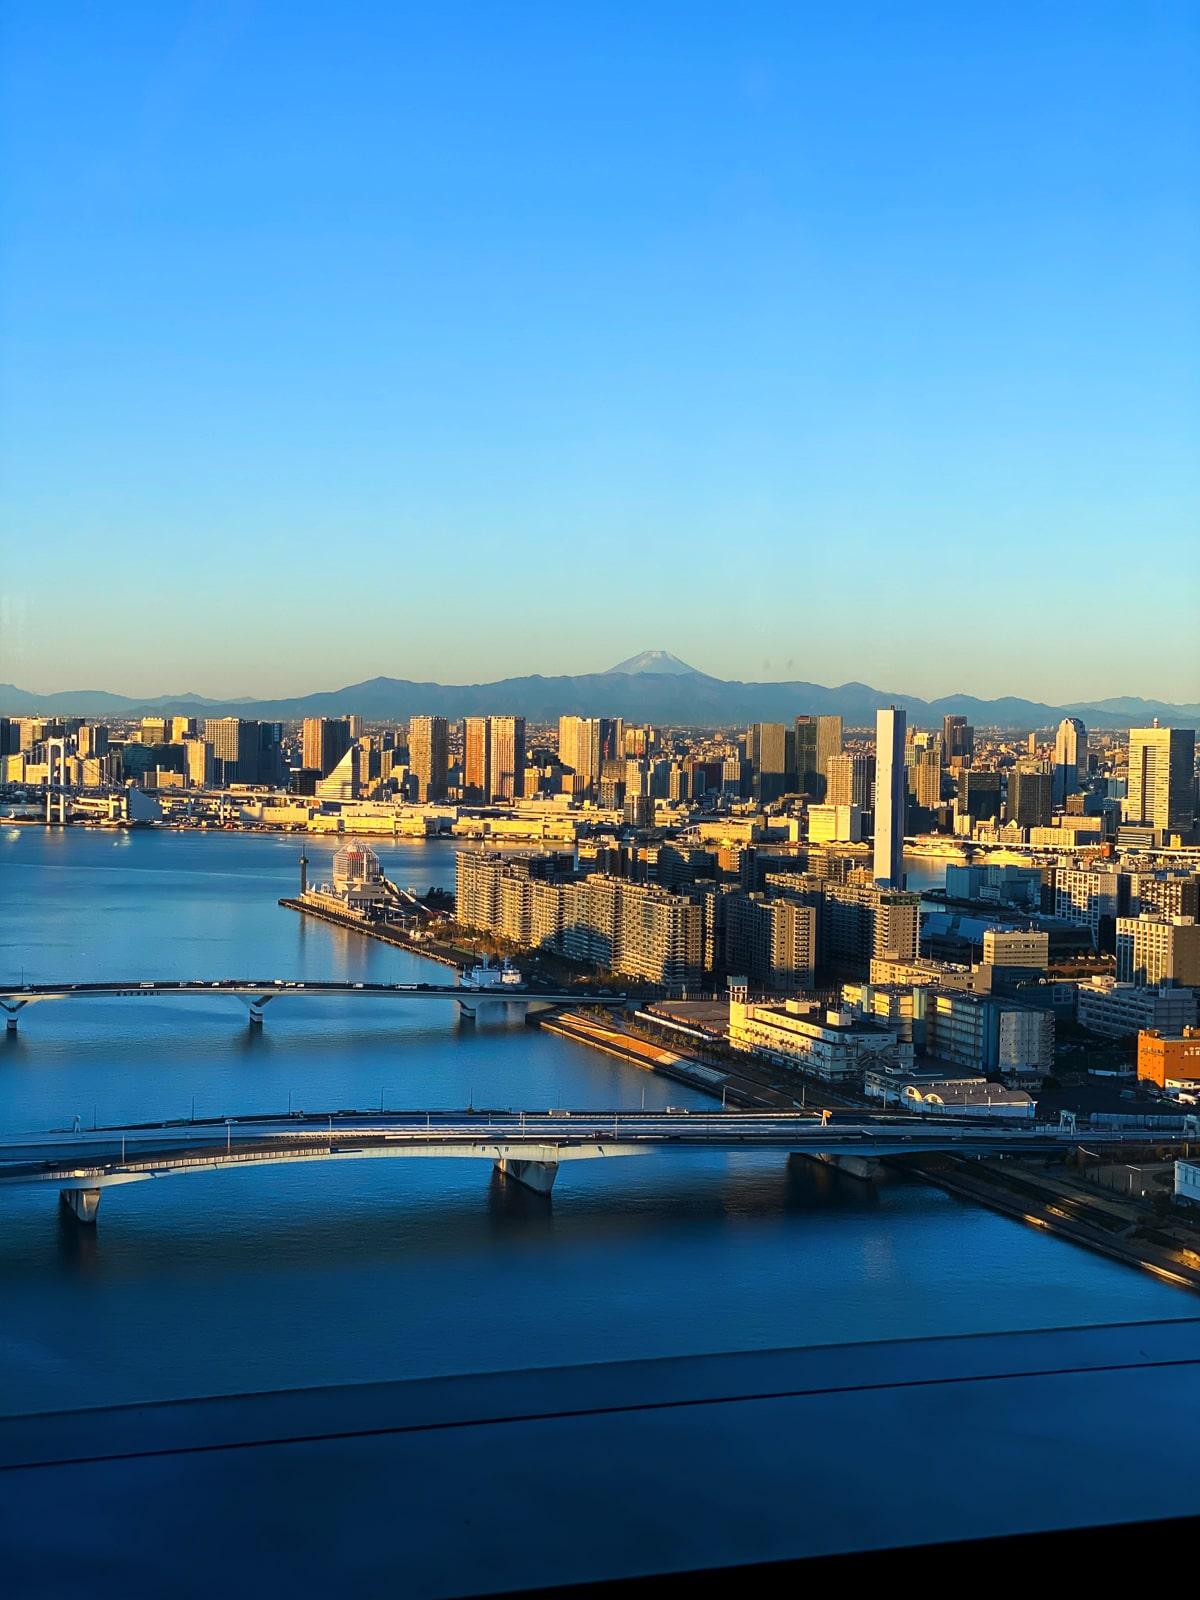 三井ガーデンホテル豊洲ベイサイドクロス 富士山